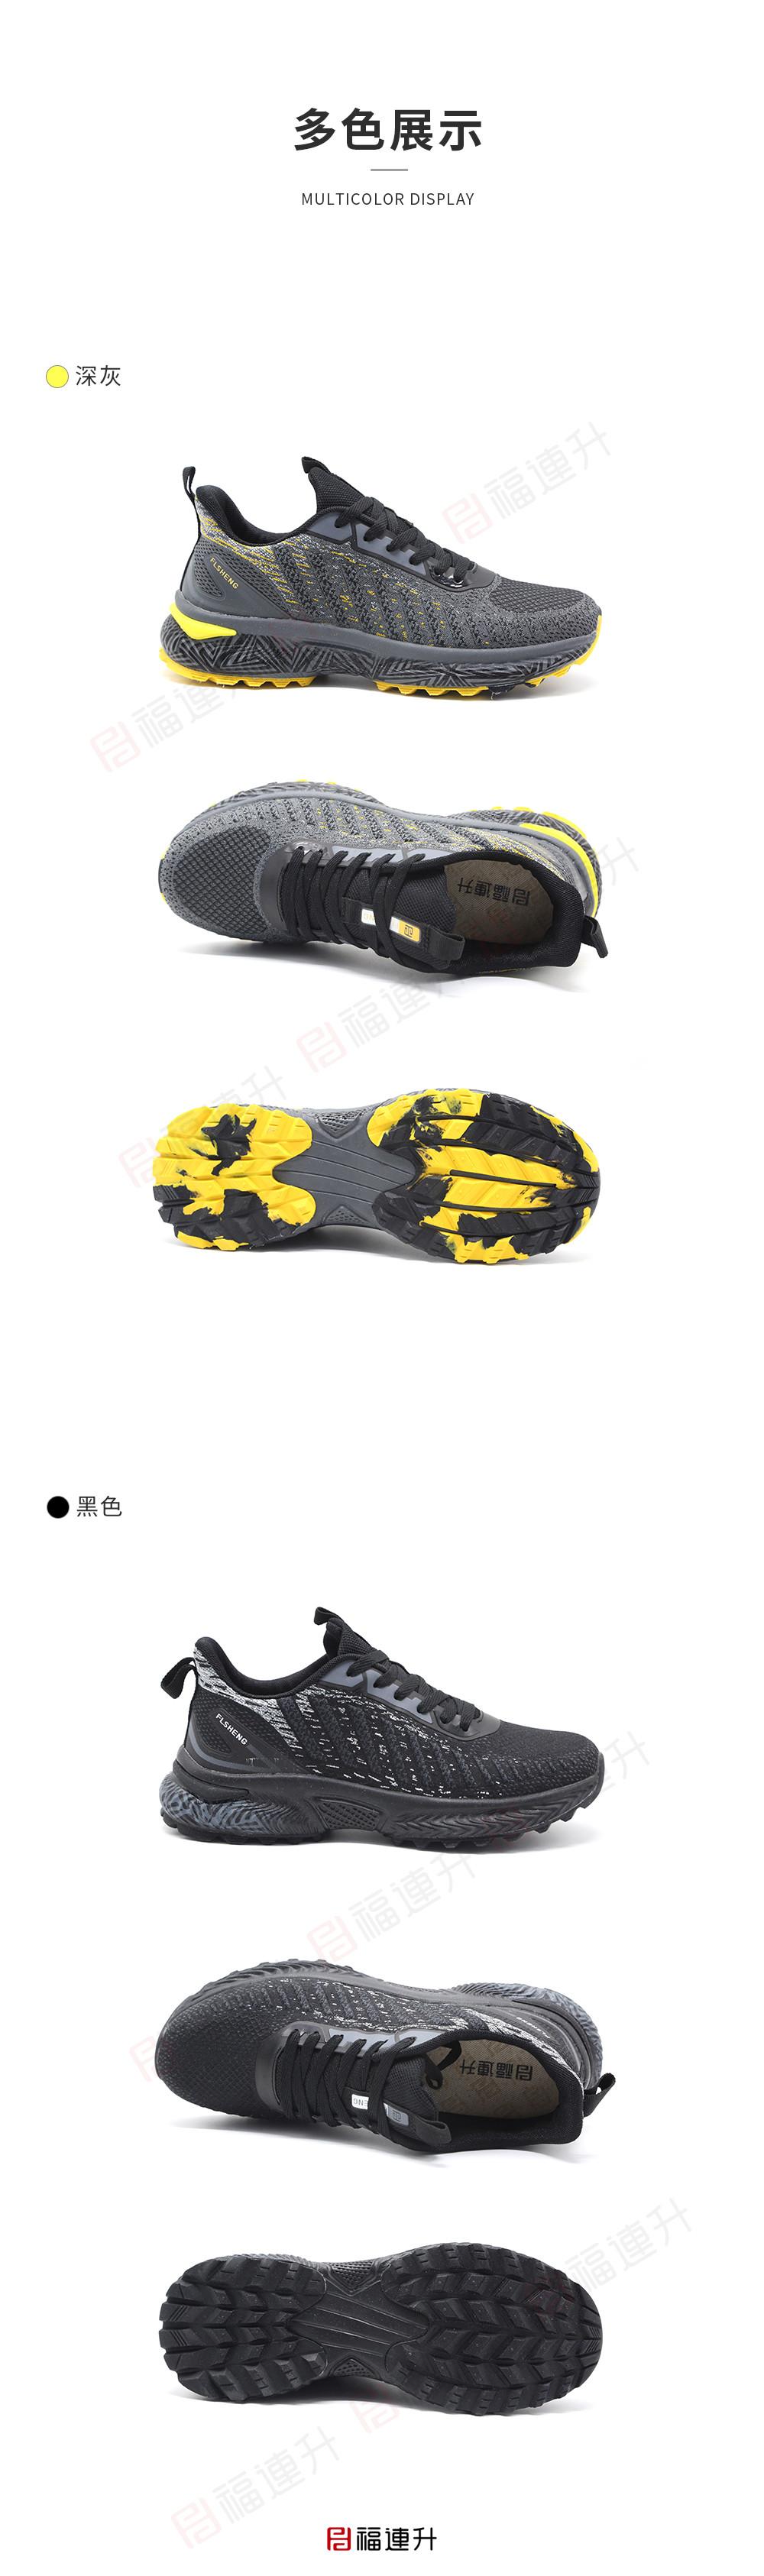 福连升秋季户外休闲运动旅游鞋防滑透气拼色飞织男鞋图片